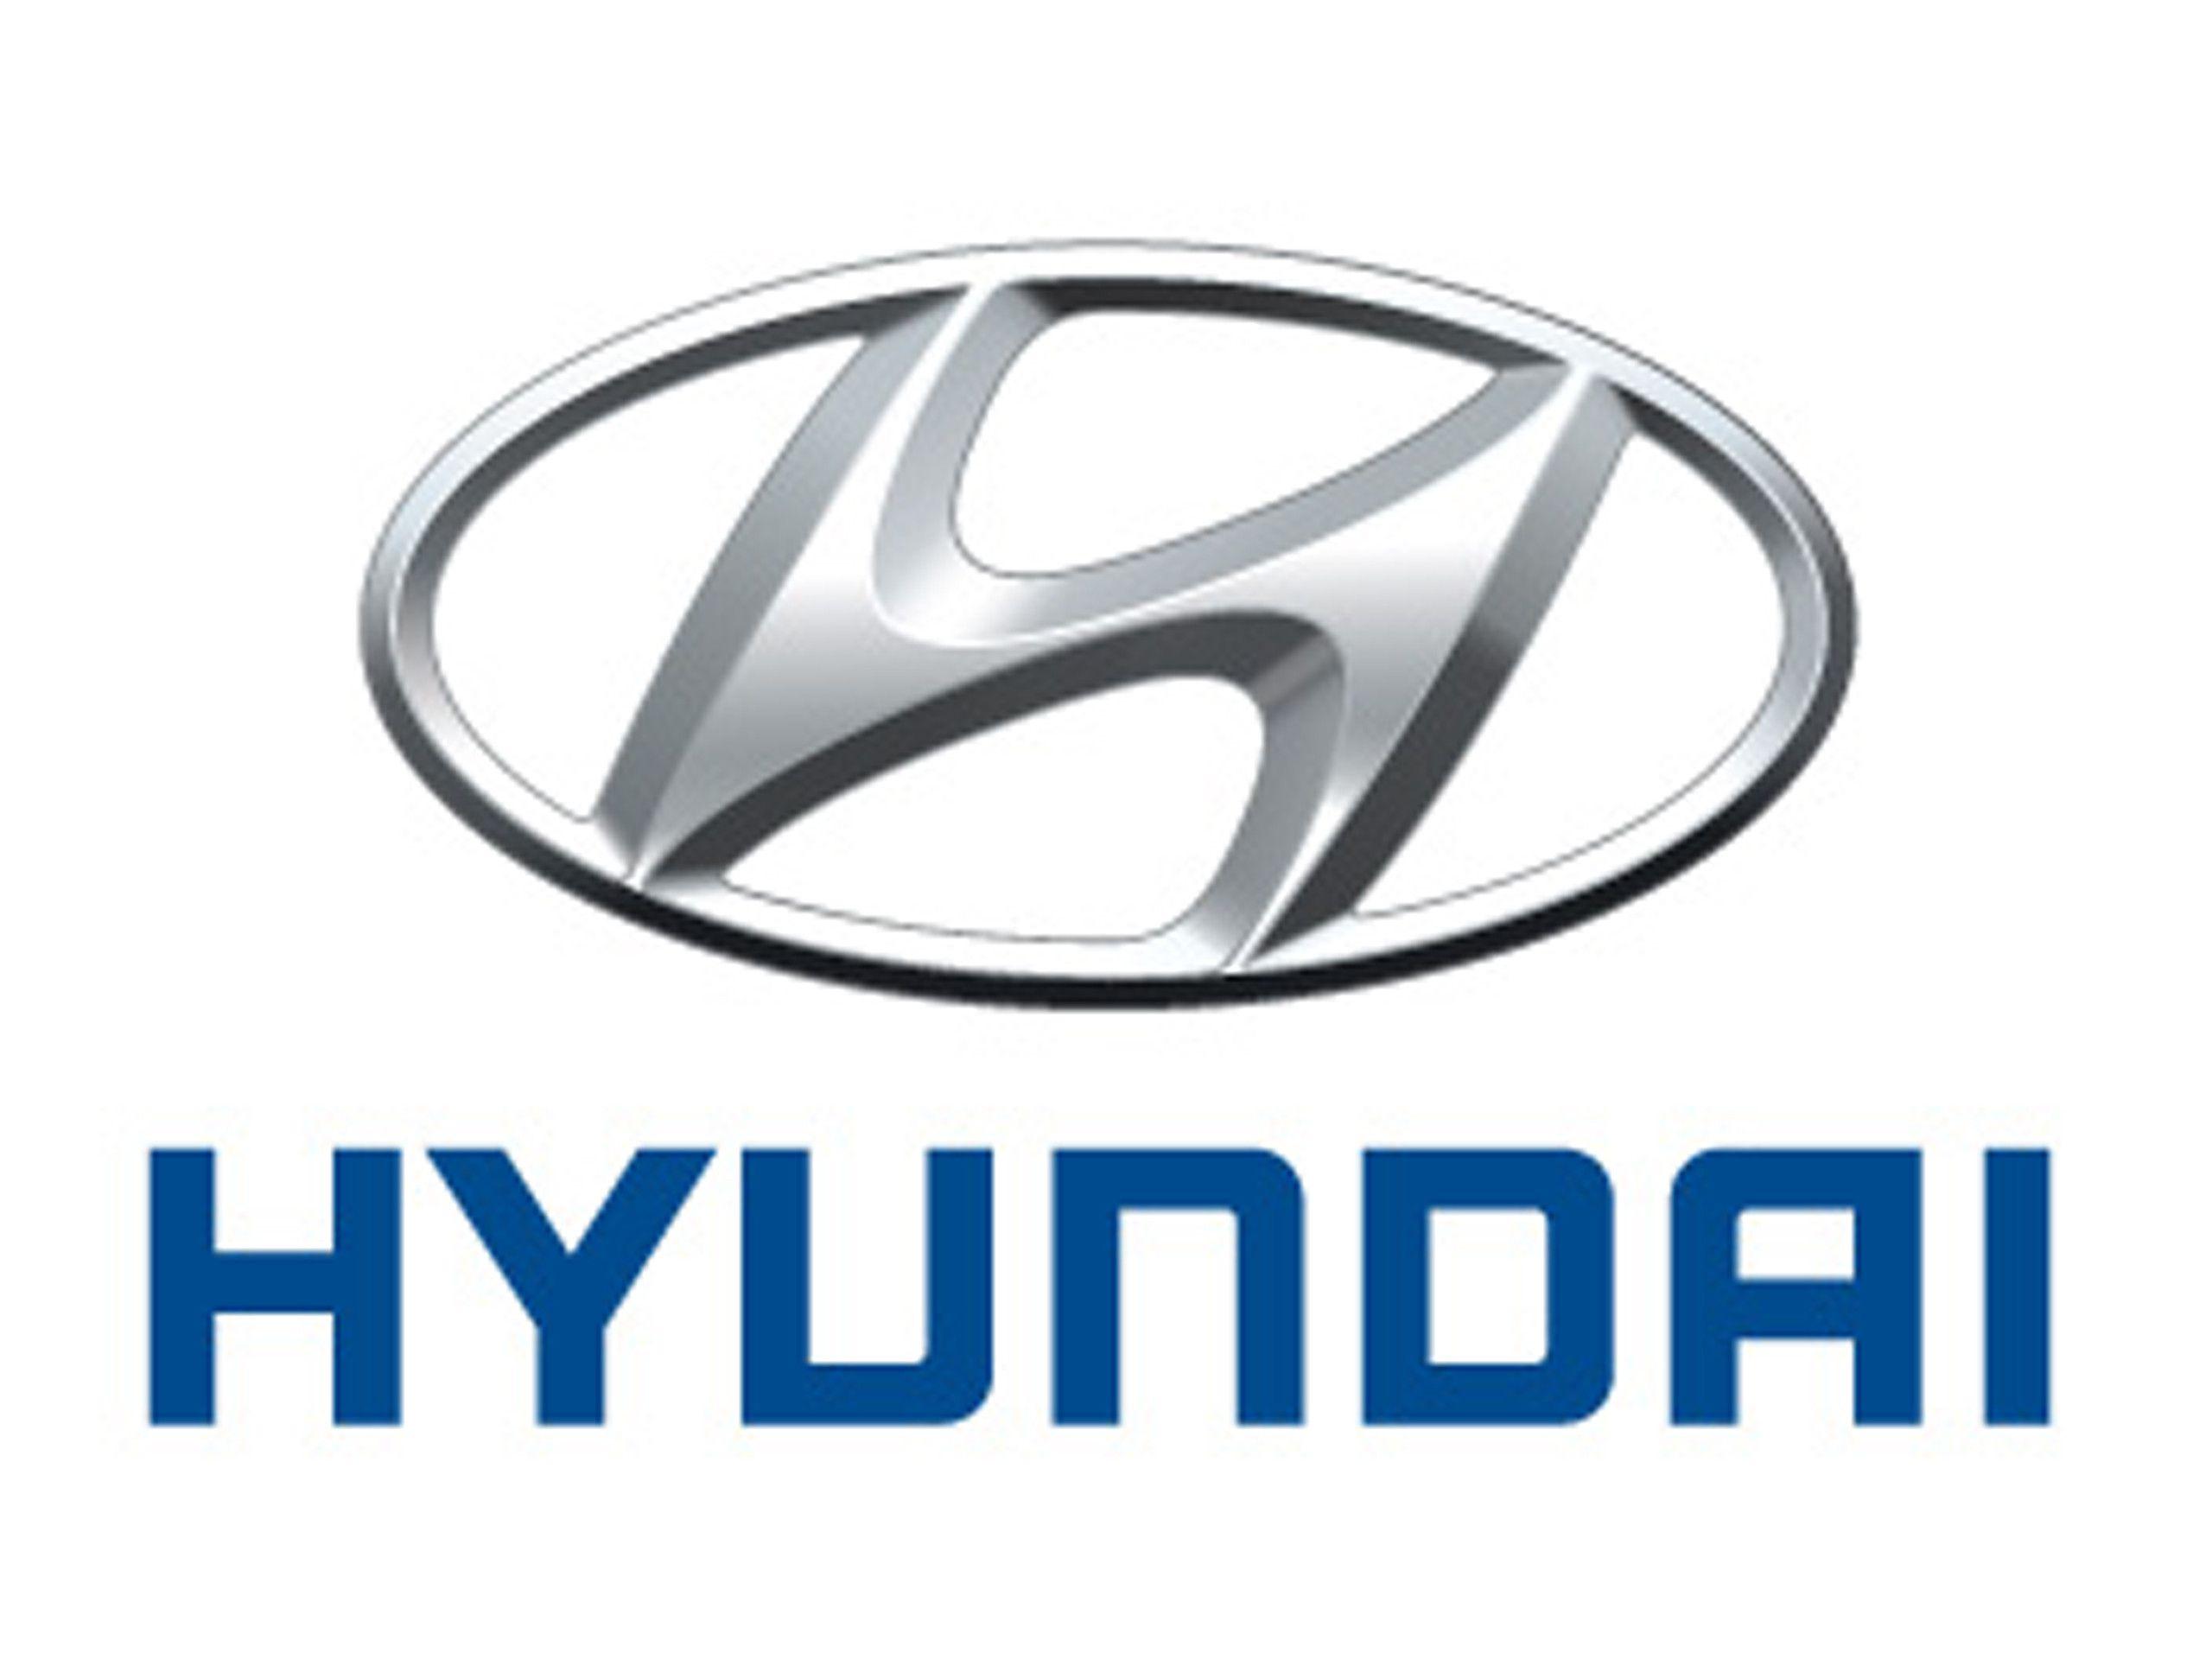 توقف توسعه پیشرانههای دیزلی توسط هیوندای